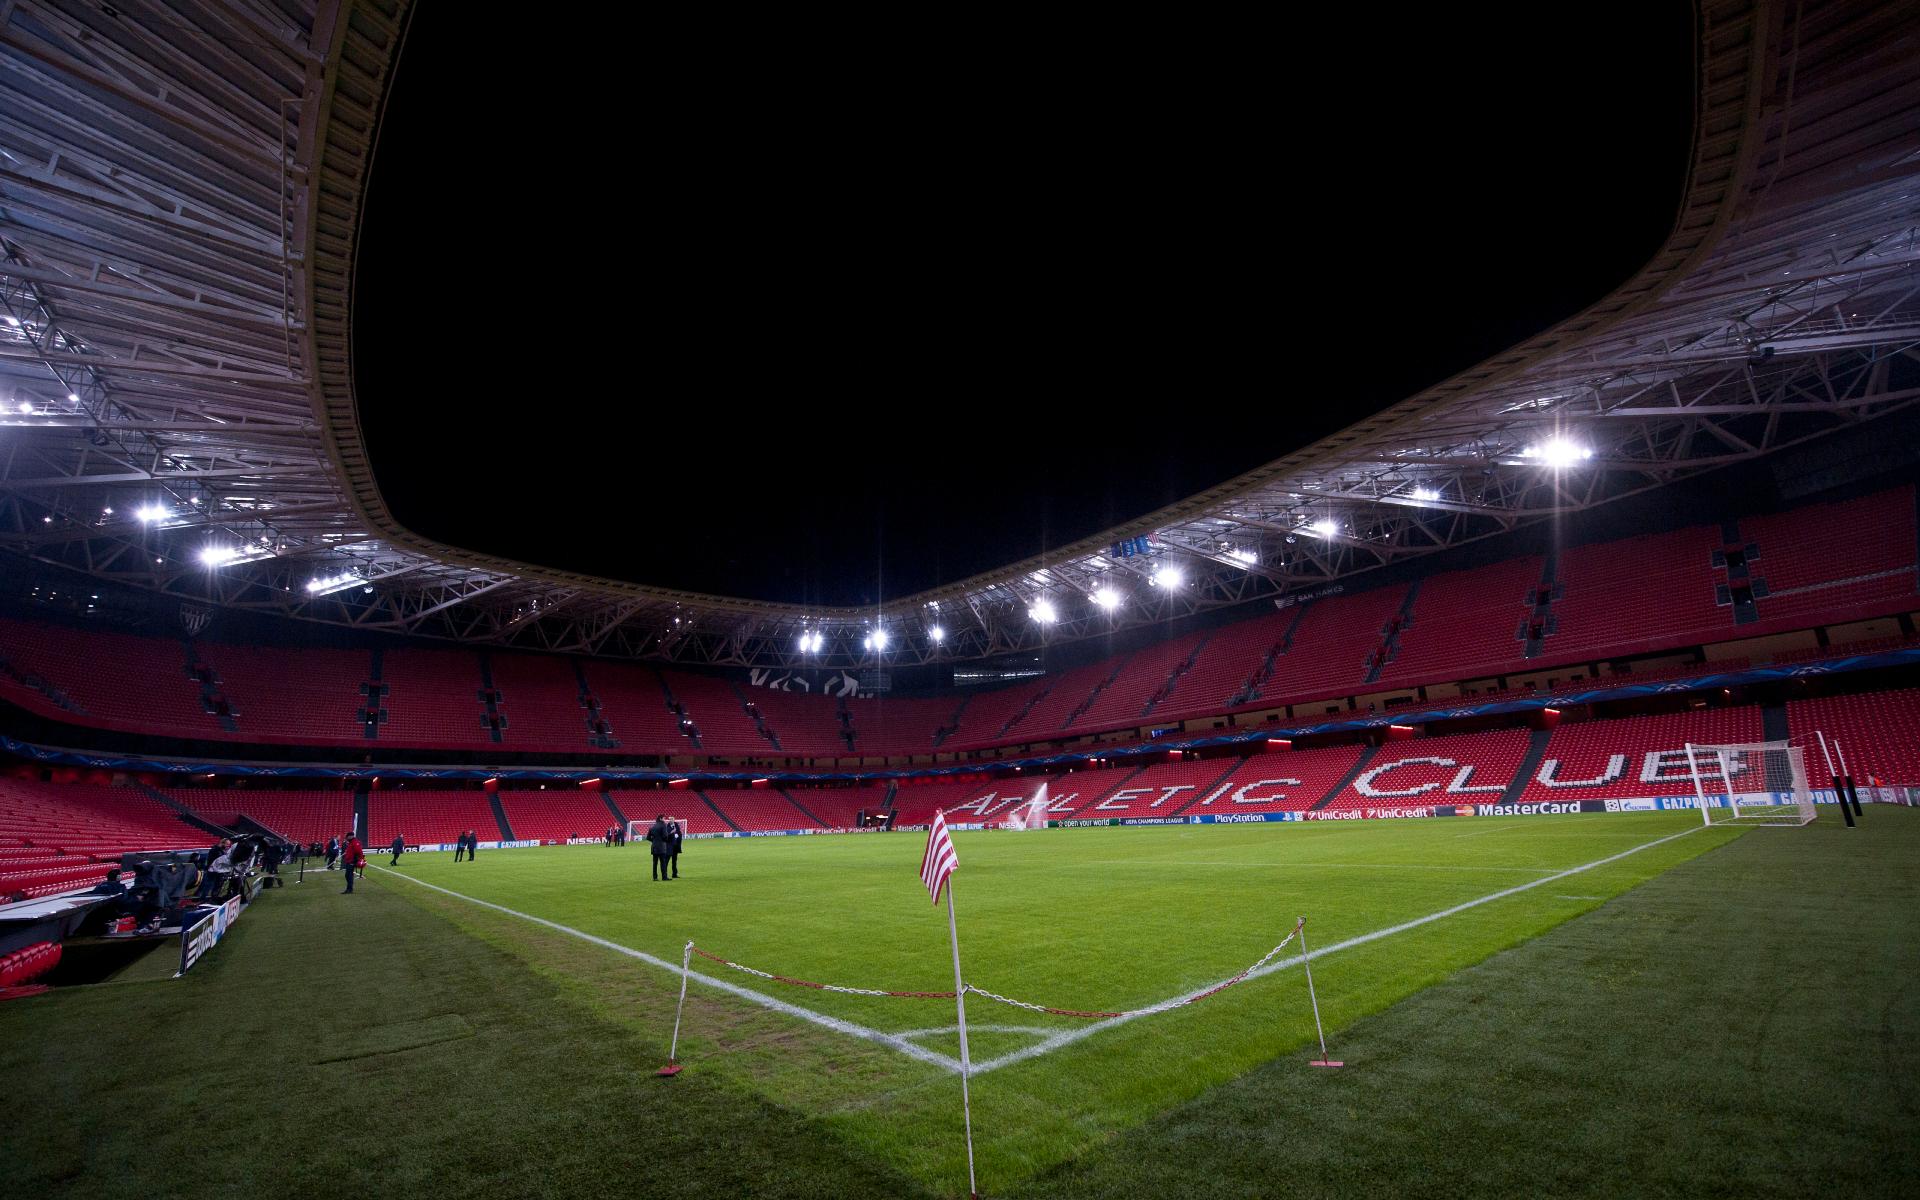 Бильбао отказался от проведения матчей Евро-2020 :: Футбол :: РБК Спорт